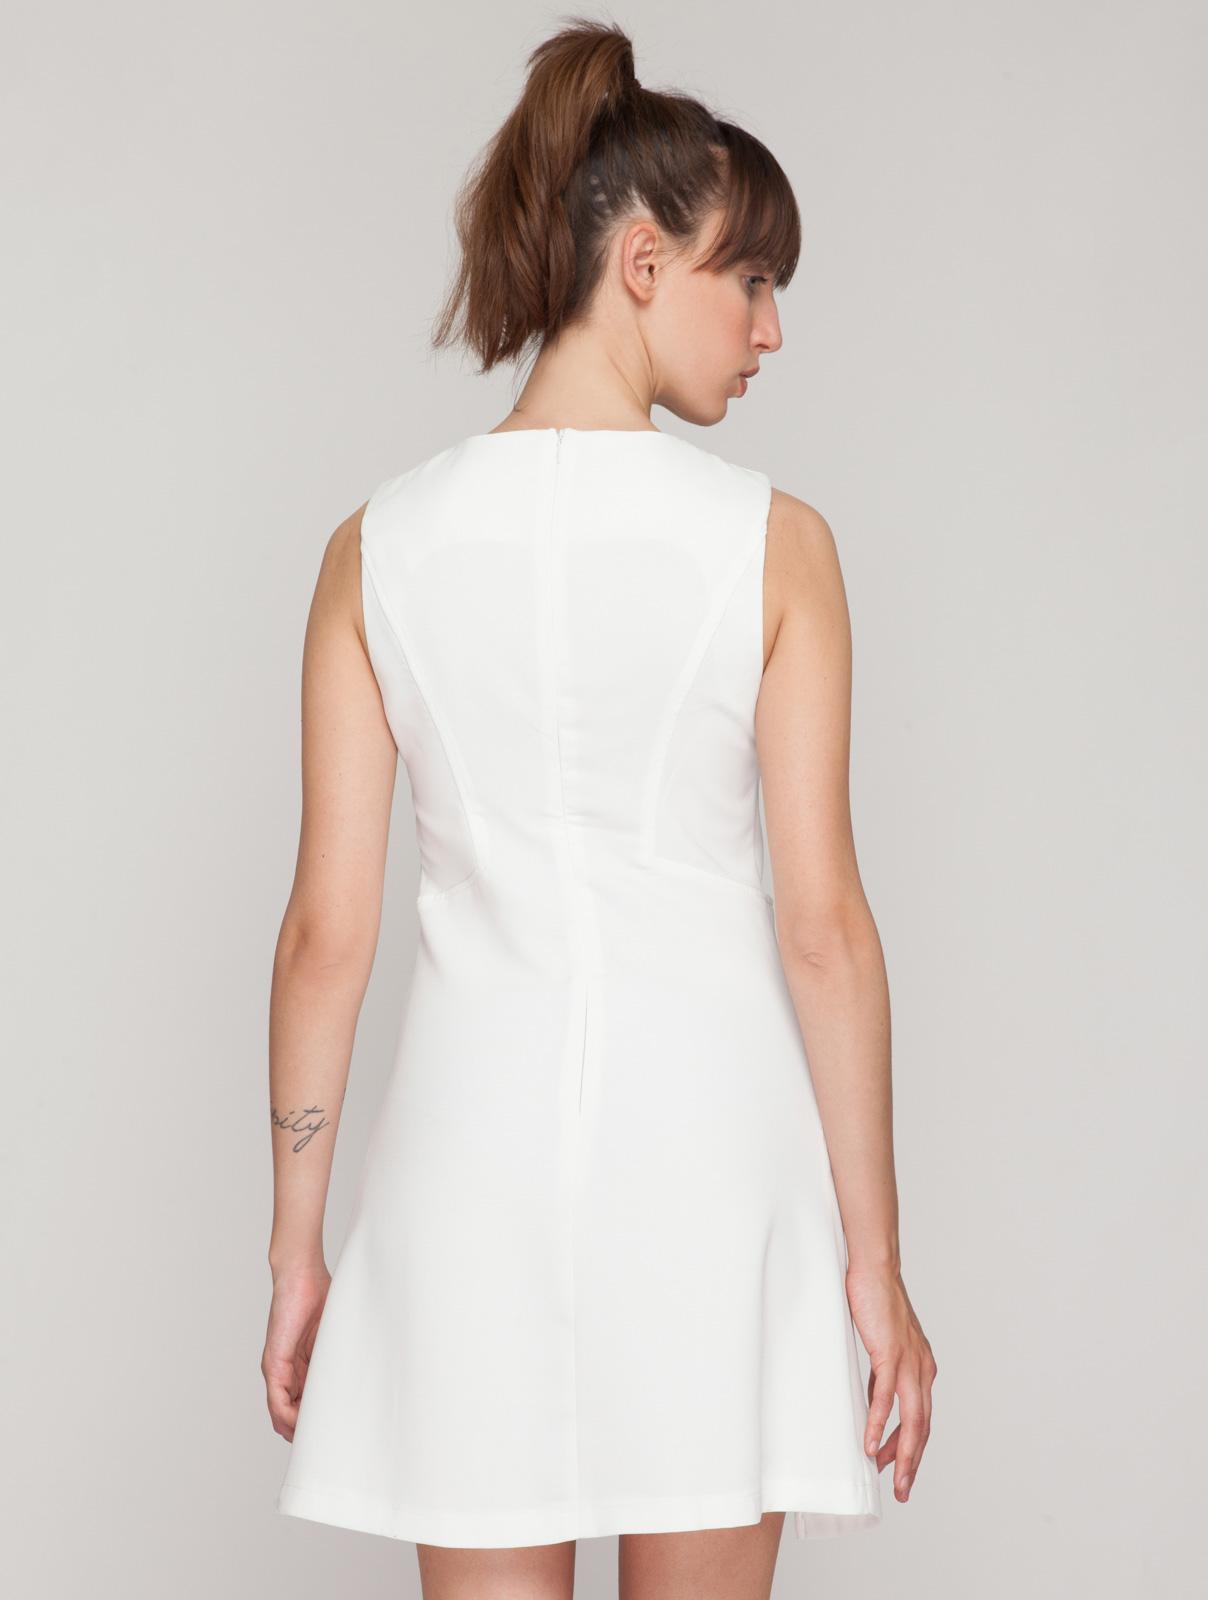 Φόρεμα Αμάνικο με Διάτρητο Σχέδιο γυναικεία   φορέματα   mίνι   μίντι